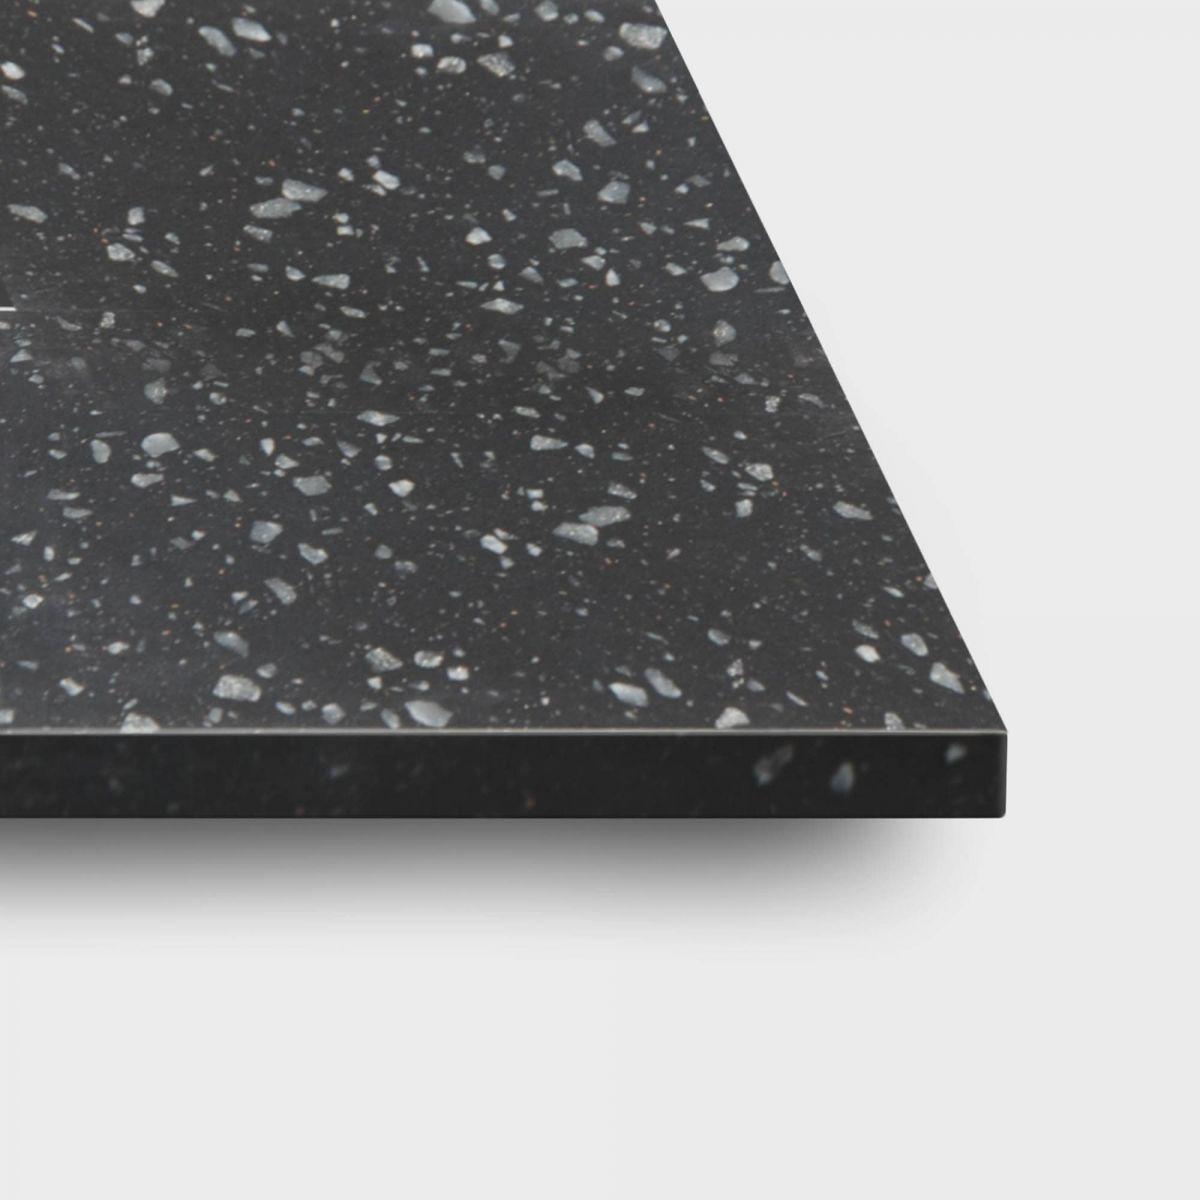 Black Granite Kordura Top